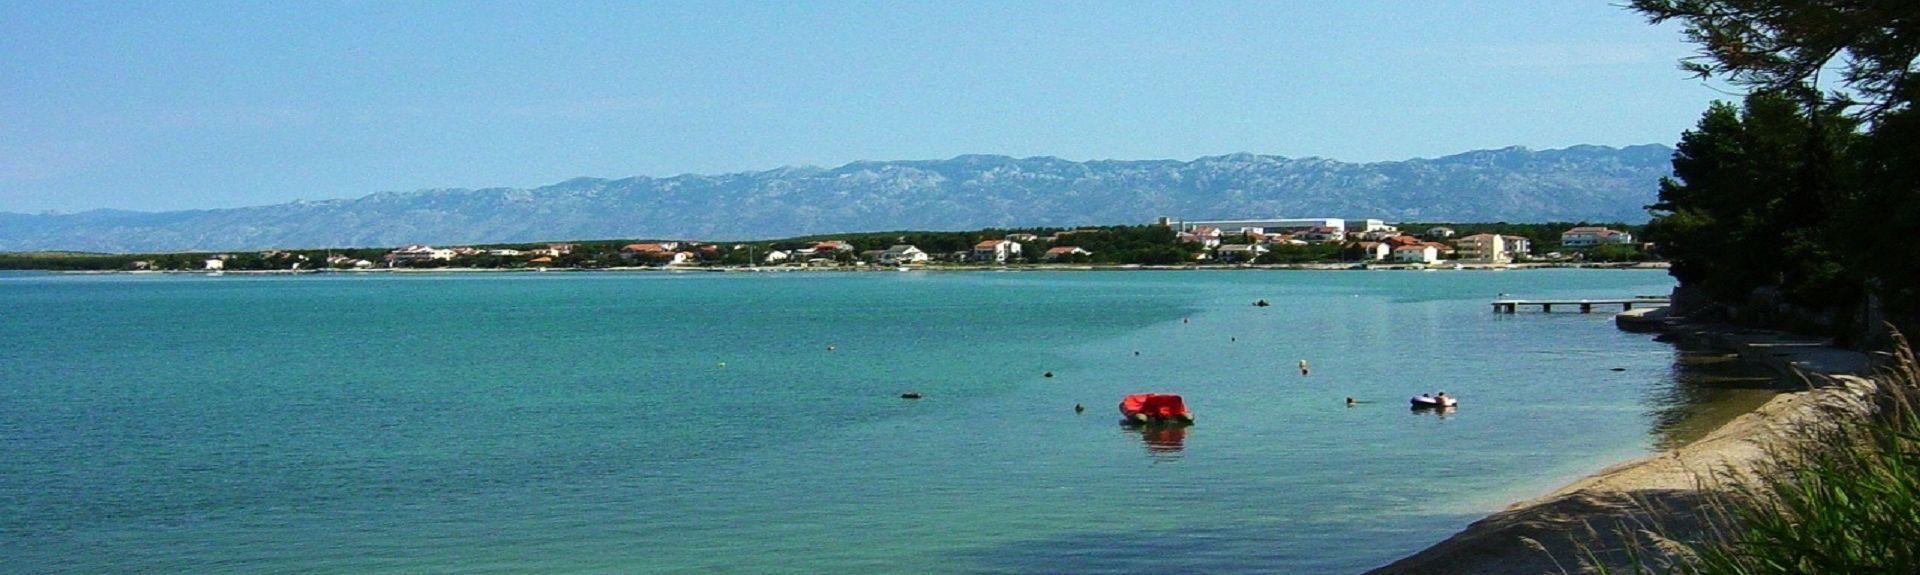 Tribanj, Zadar, Croacia